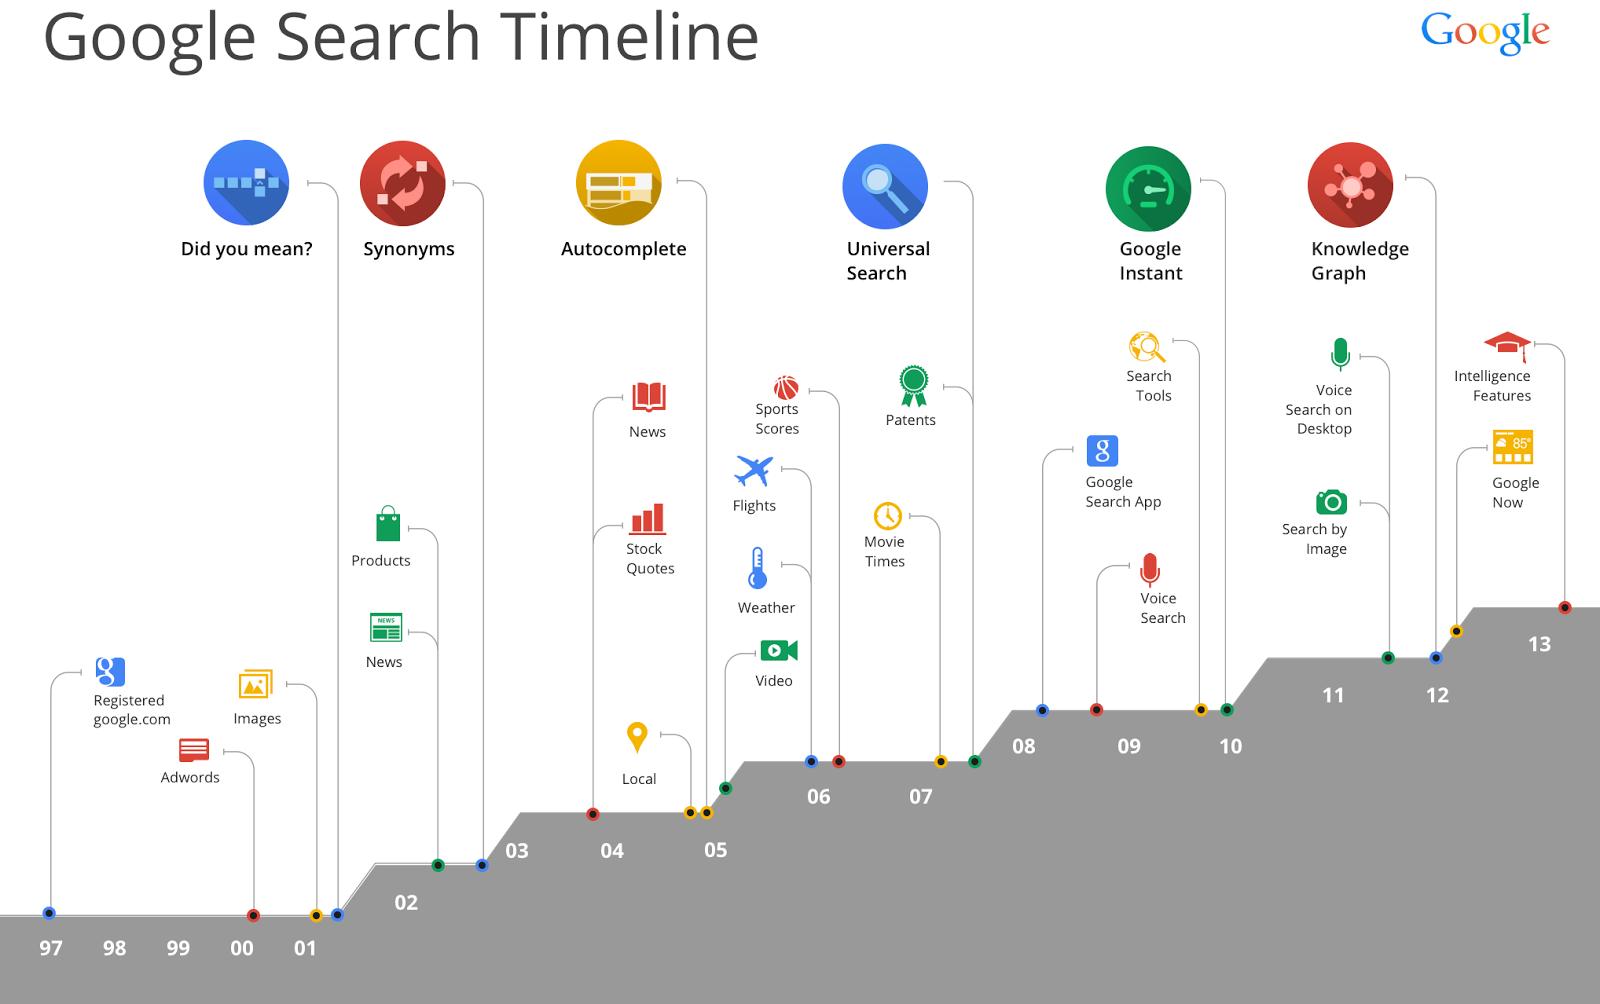 Evolution der Google-Suche im Überblick